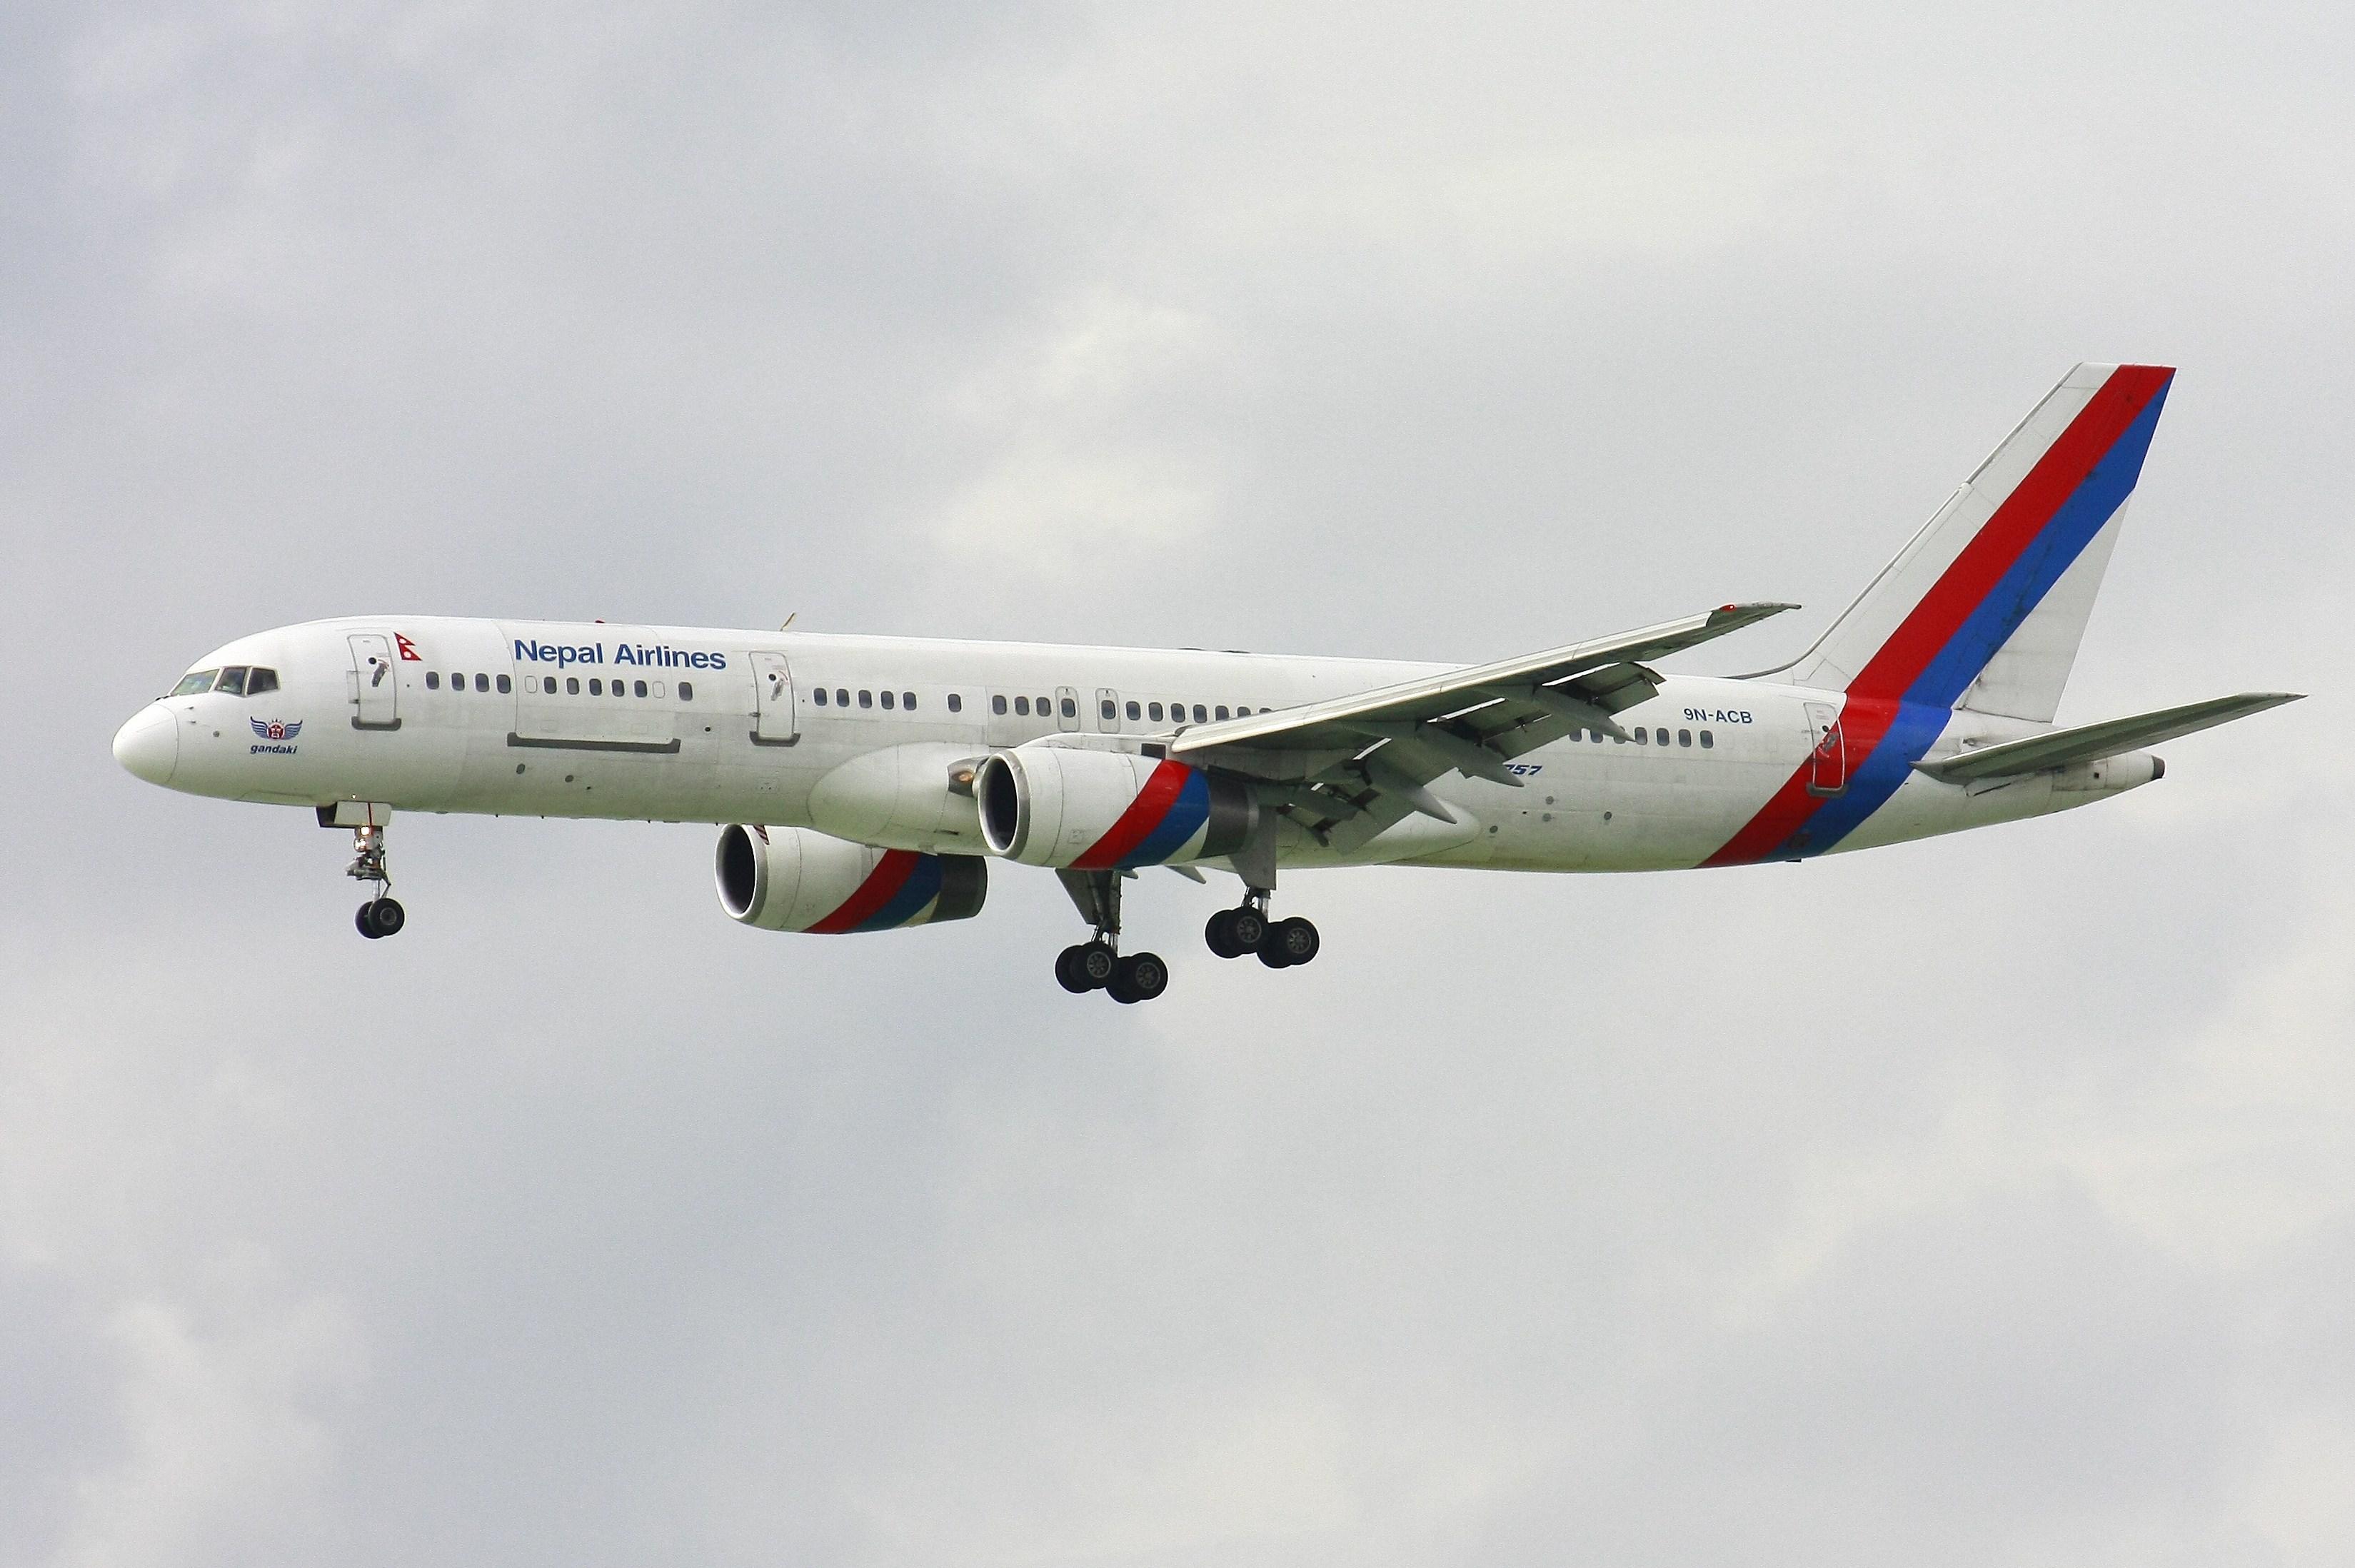 Nepal_Airlines_757-200M_9N-ACB.jpg